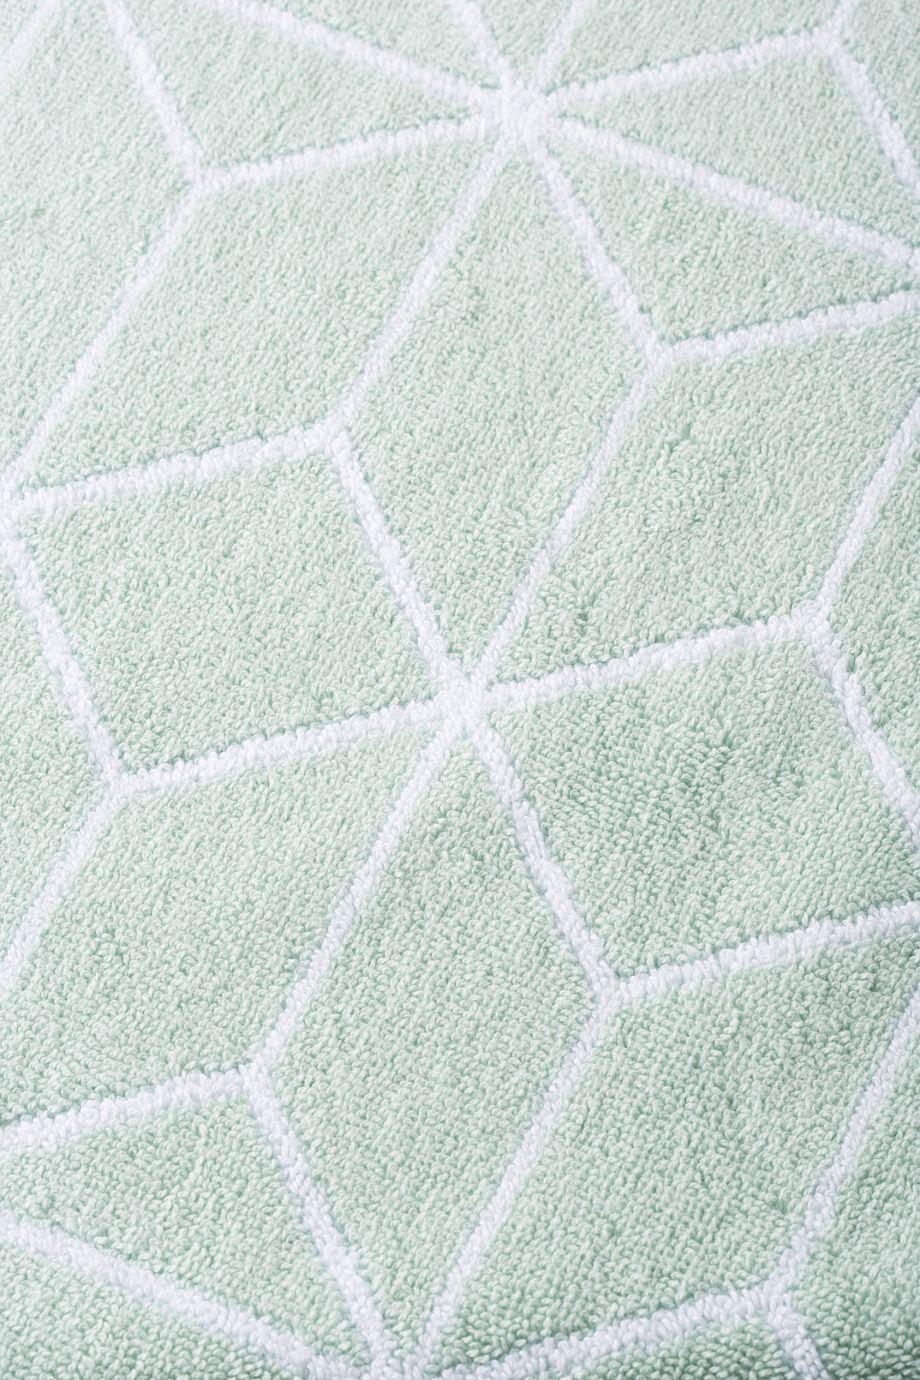 Affiliatelink Home Badematte Bio Baumwolle Gemustert 50 X 70 Cm Mintgrun Skandinavisch Design Badewanne Mit Dusche Teppich Wohnzimmer Badematte